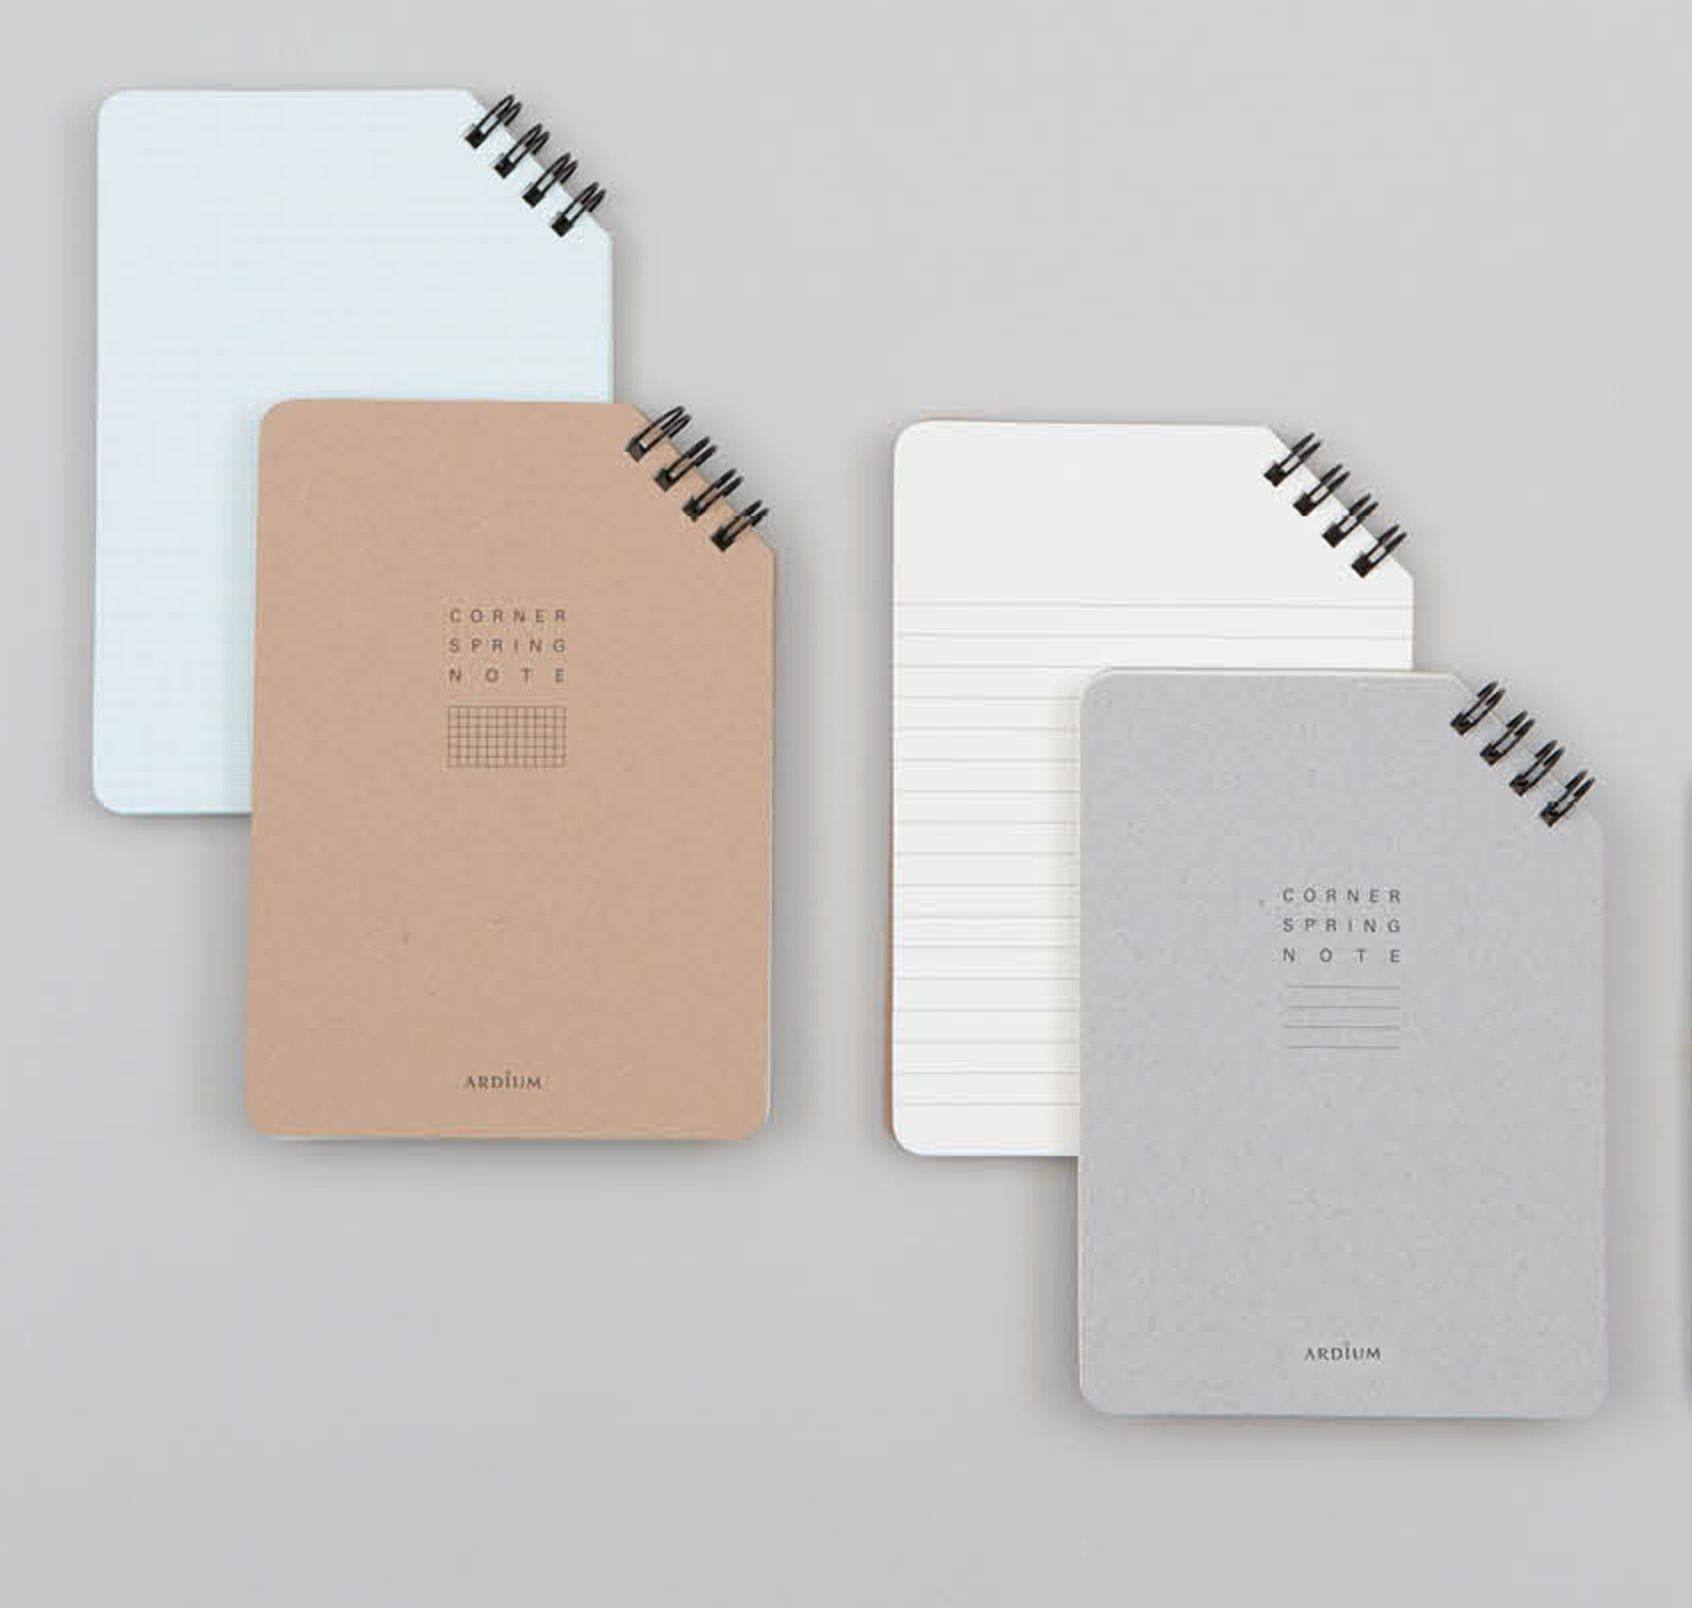 Corner Spiral Notebook